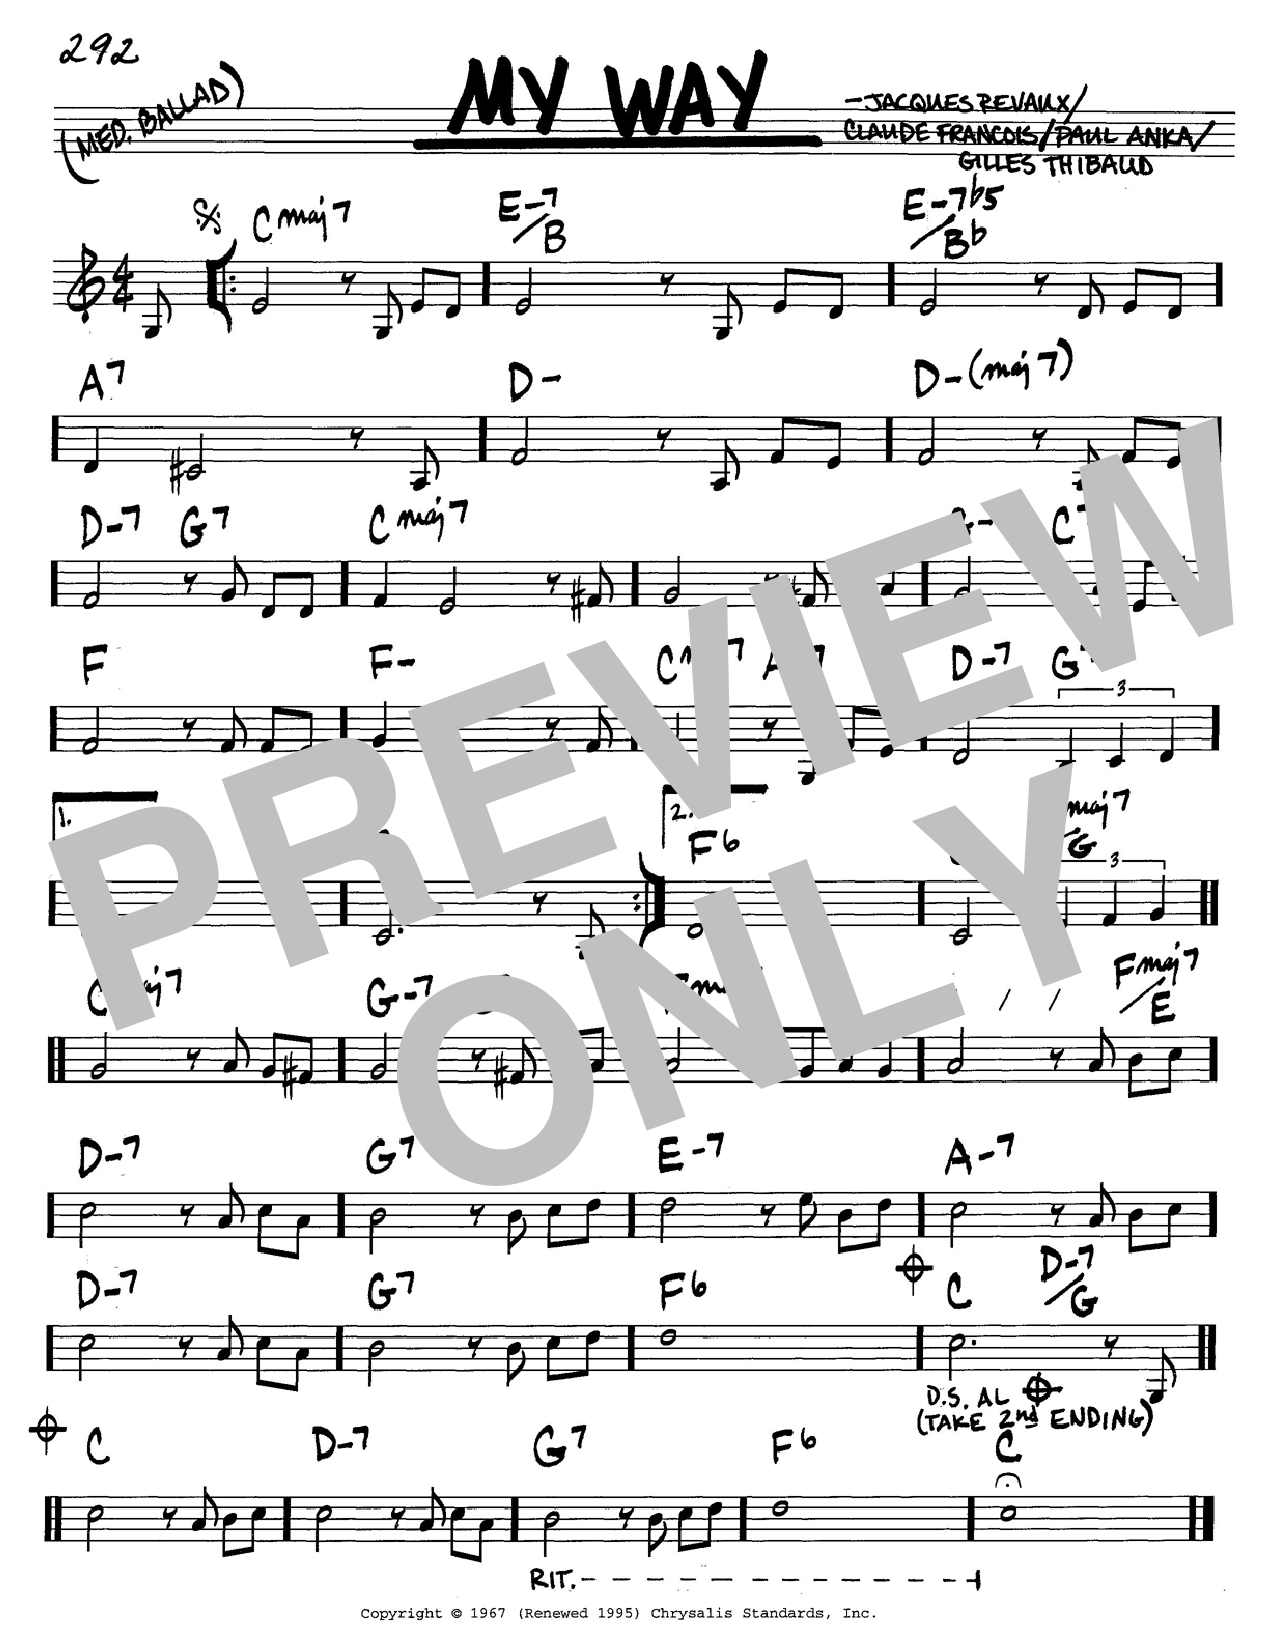 Paul Anka My Way sheet music notes and chords. Download Printable PDF.